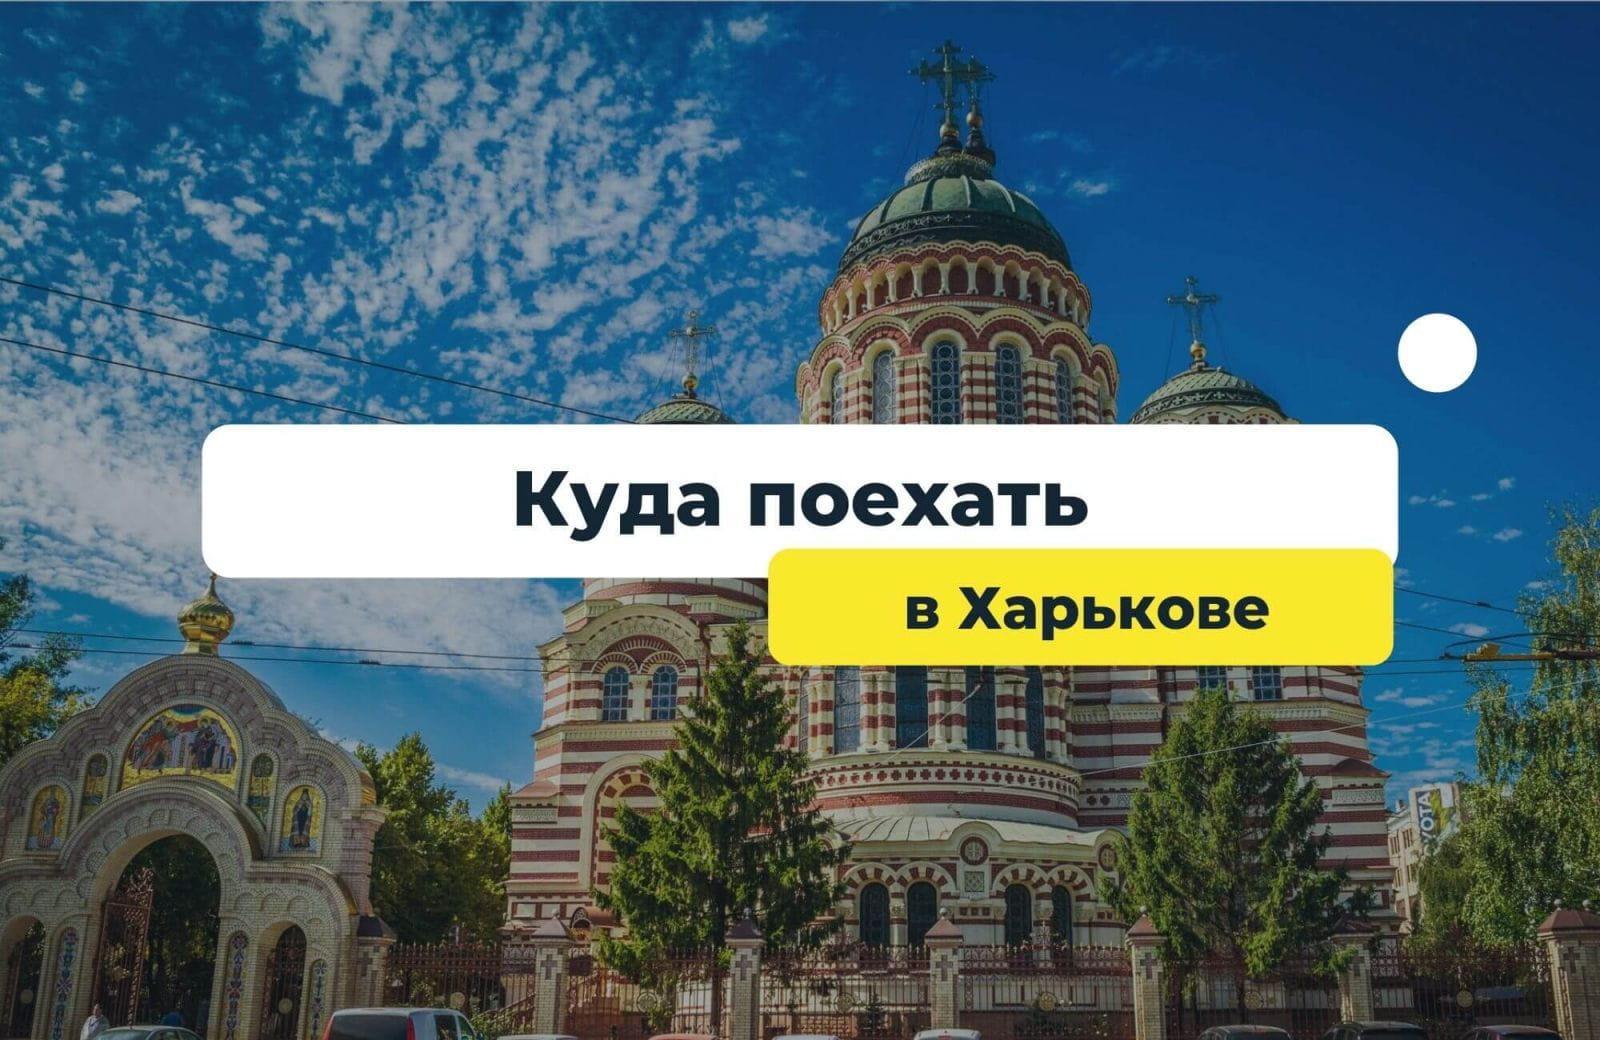 Куда поехать в Харькове